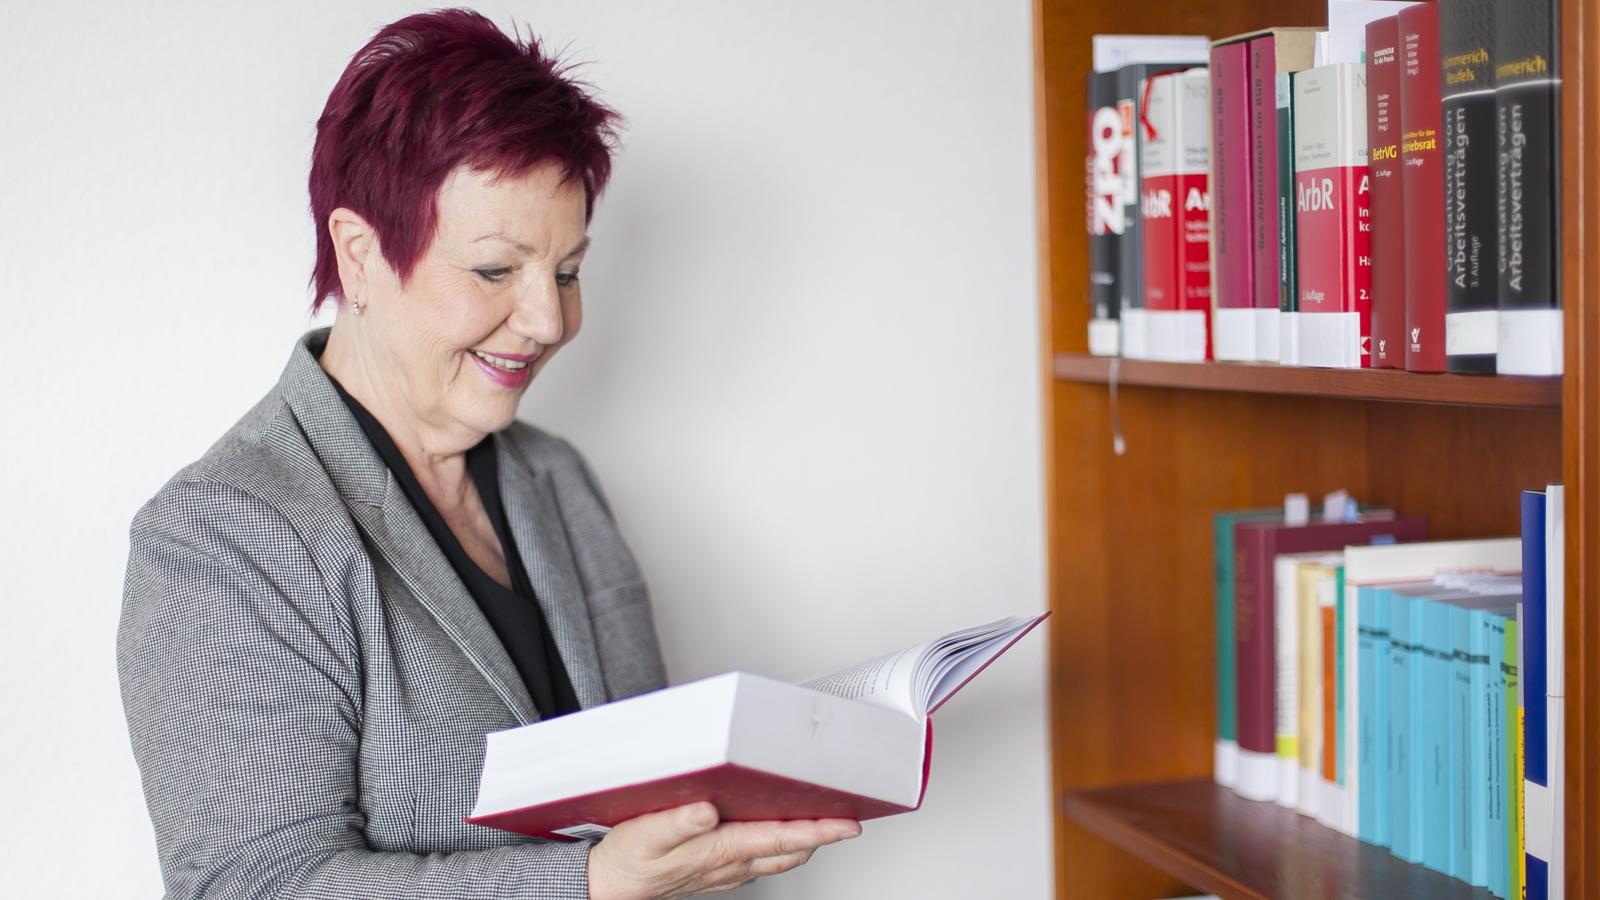 Die Anwältin hält ein Buch in der Hand, liest und steht vor eine Bücherregal.